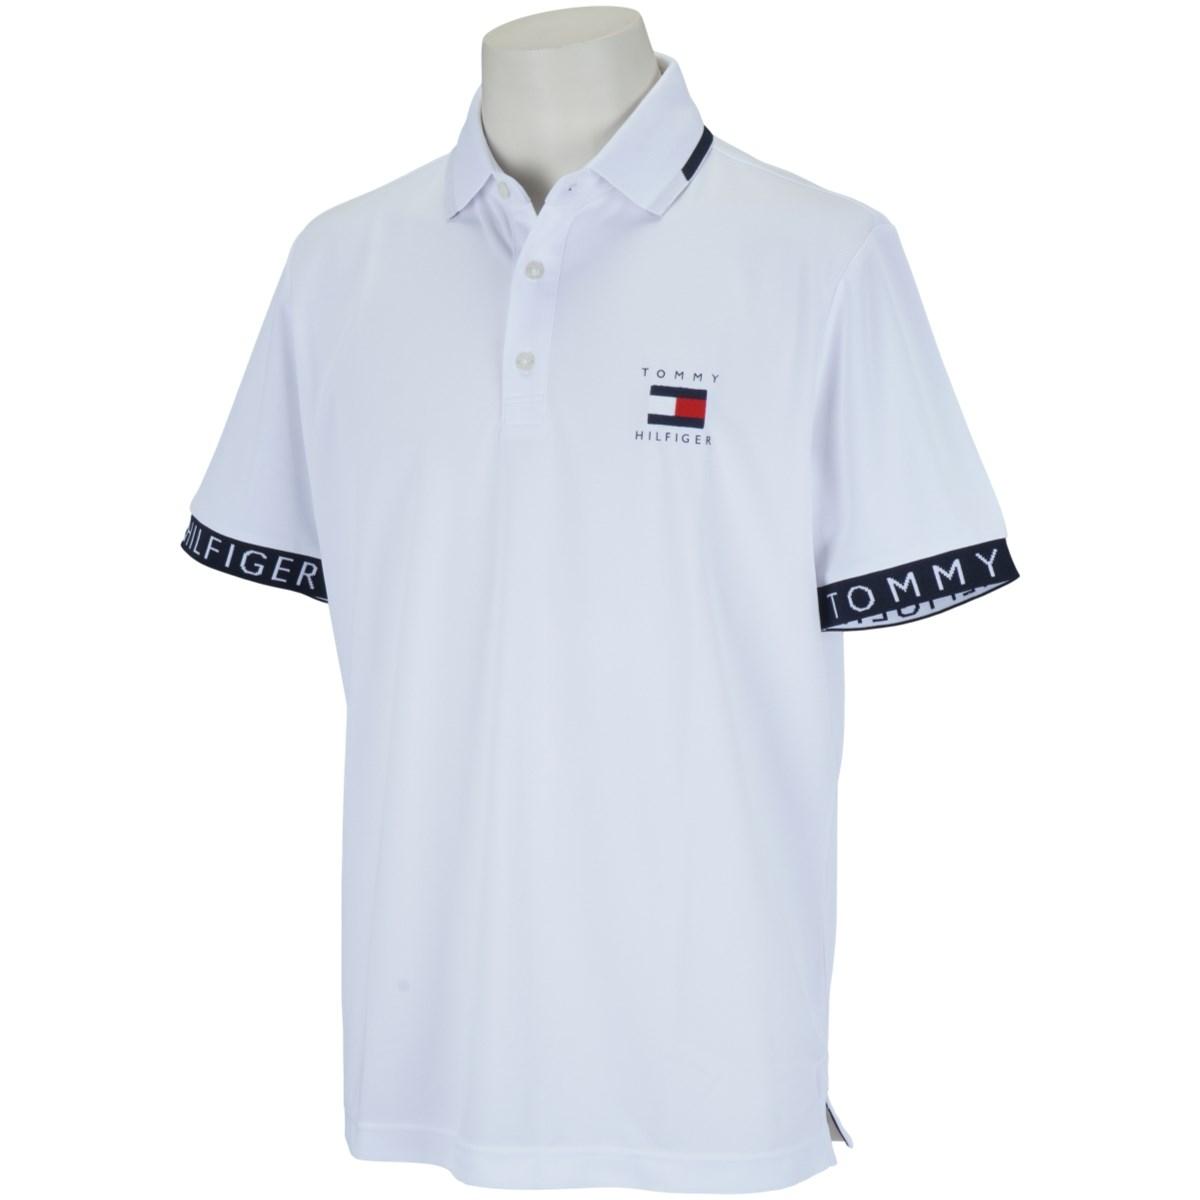 トミー ヒルフィガー ゴルフ TOMMY HILFIGER GOLF トミーフラッグ ヒルフィガー半袖ポロシャツ M ホワイト 00